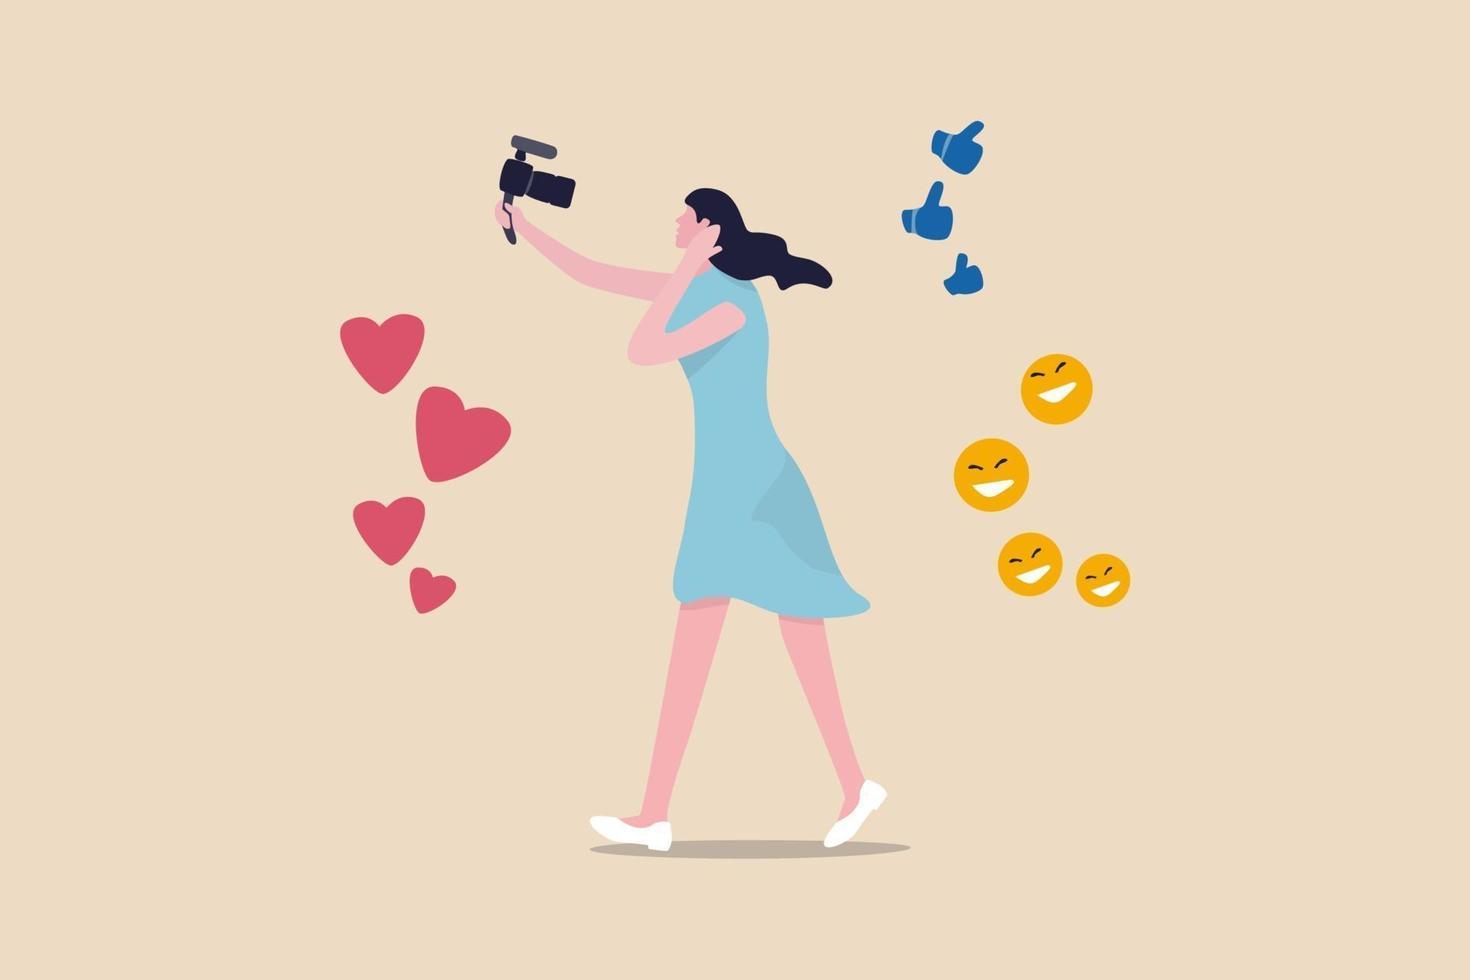 bloggare, vlog, influencer nya digitala tidsåldrar sänder eller spelar in sin livsstil för att främja berättelse på sociala mediekoncept, vacker ung damflicka som håller kameran med kärlek, liknande och lyckligt tecken. vektor